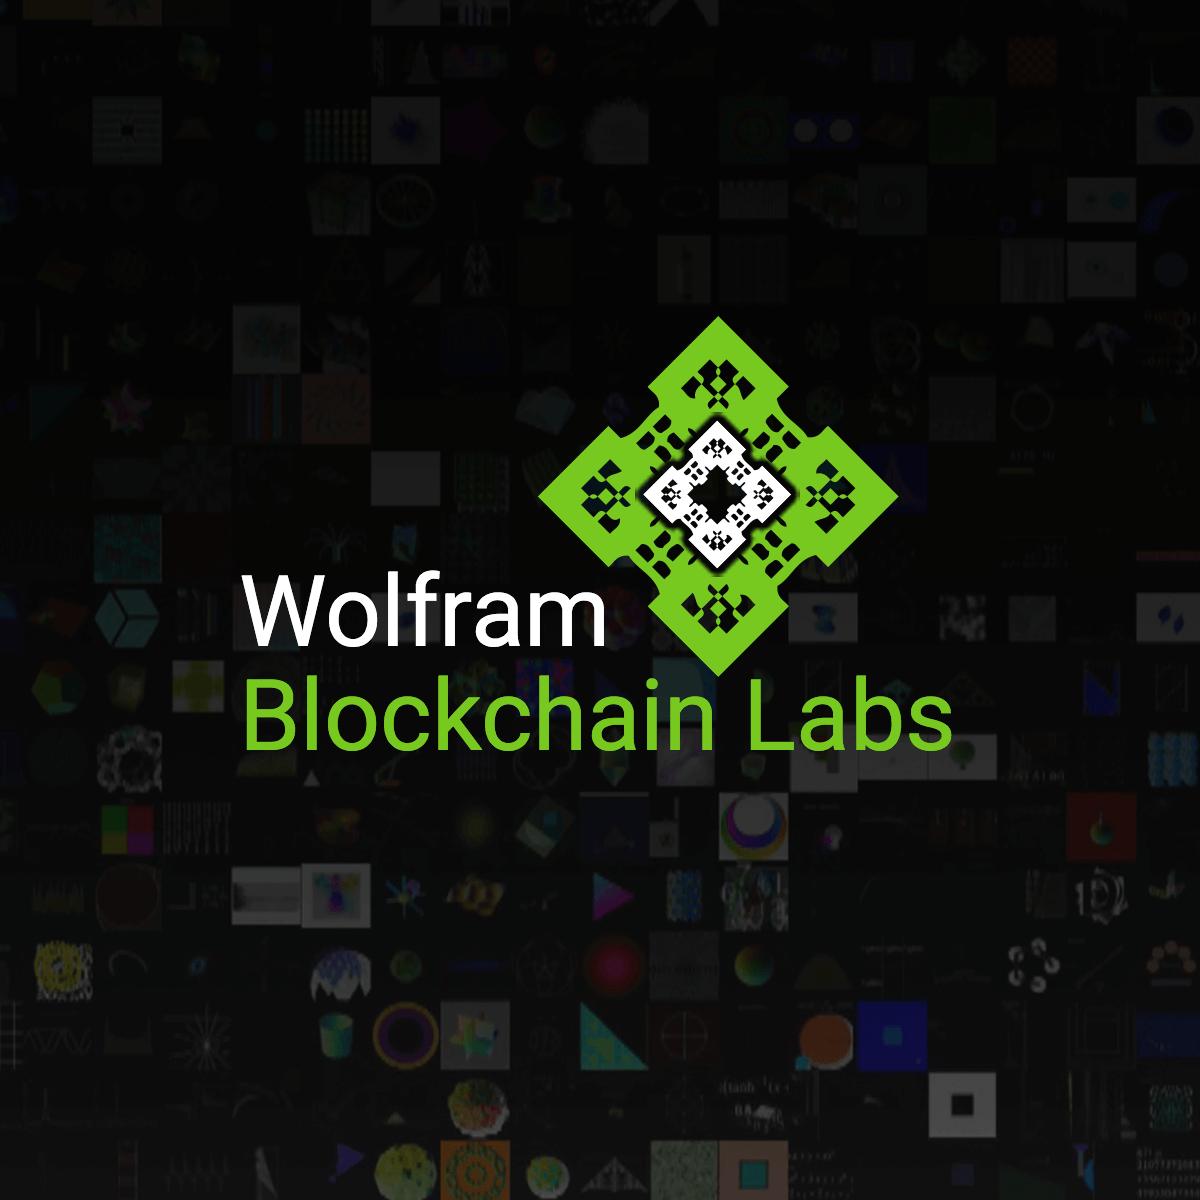 Wolfram blockchain lab dlt